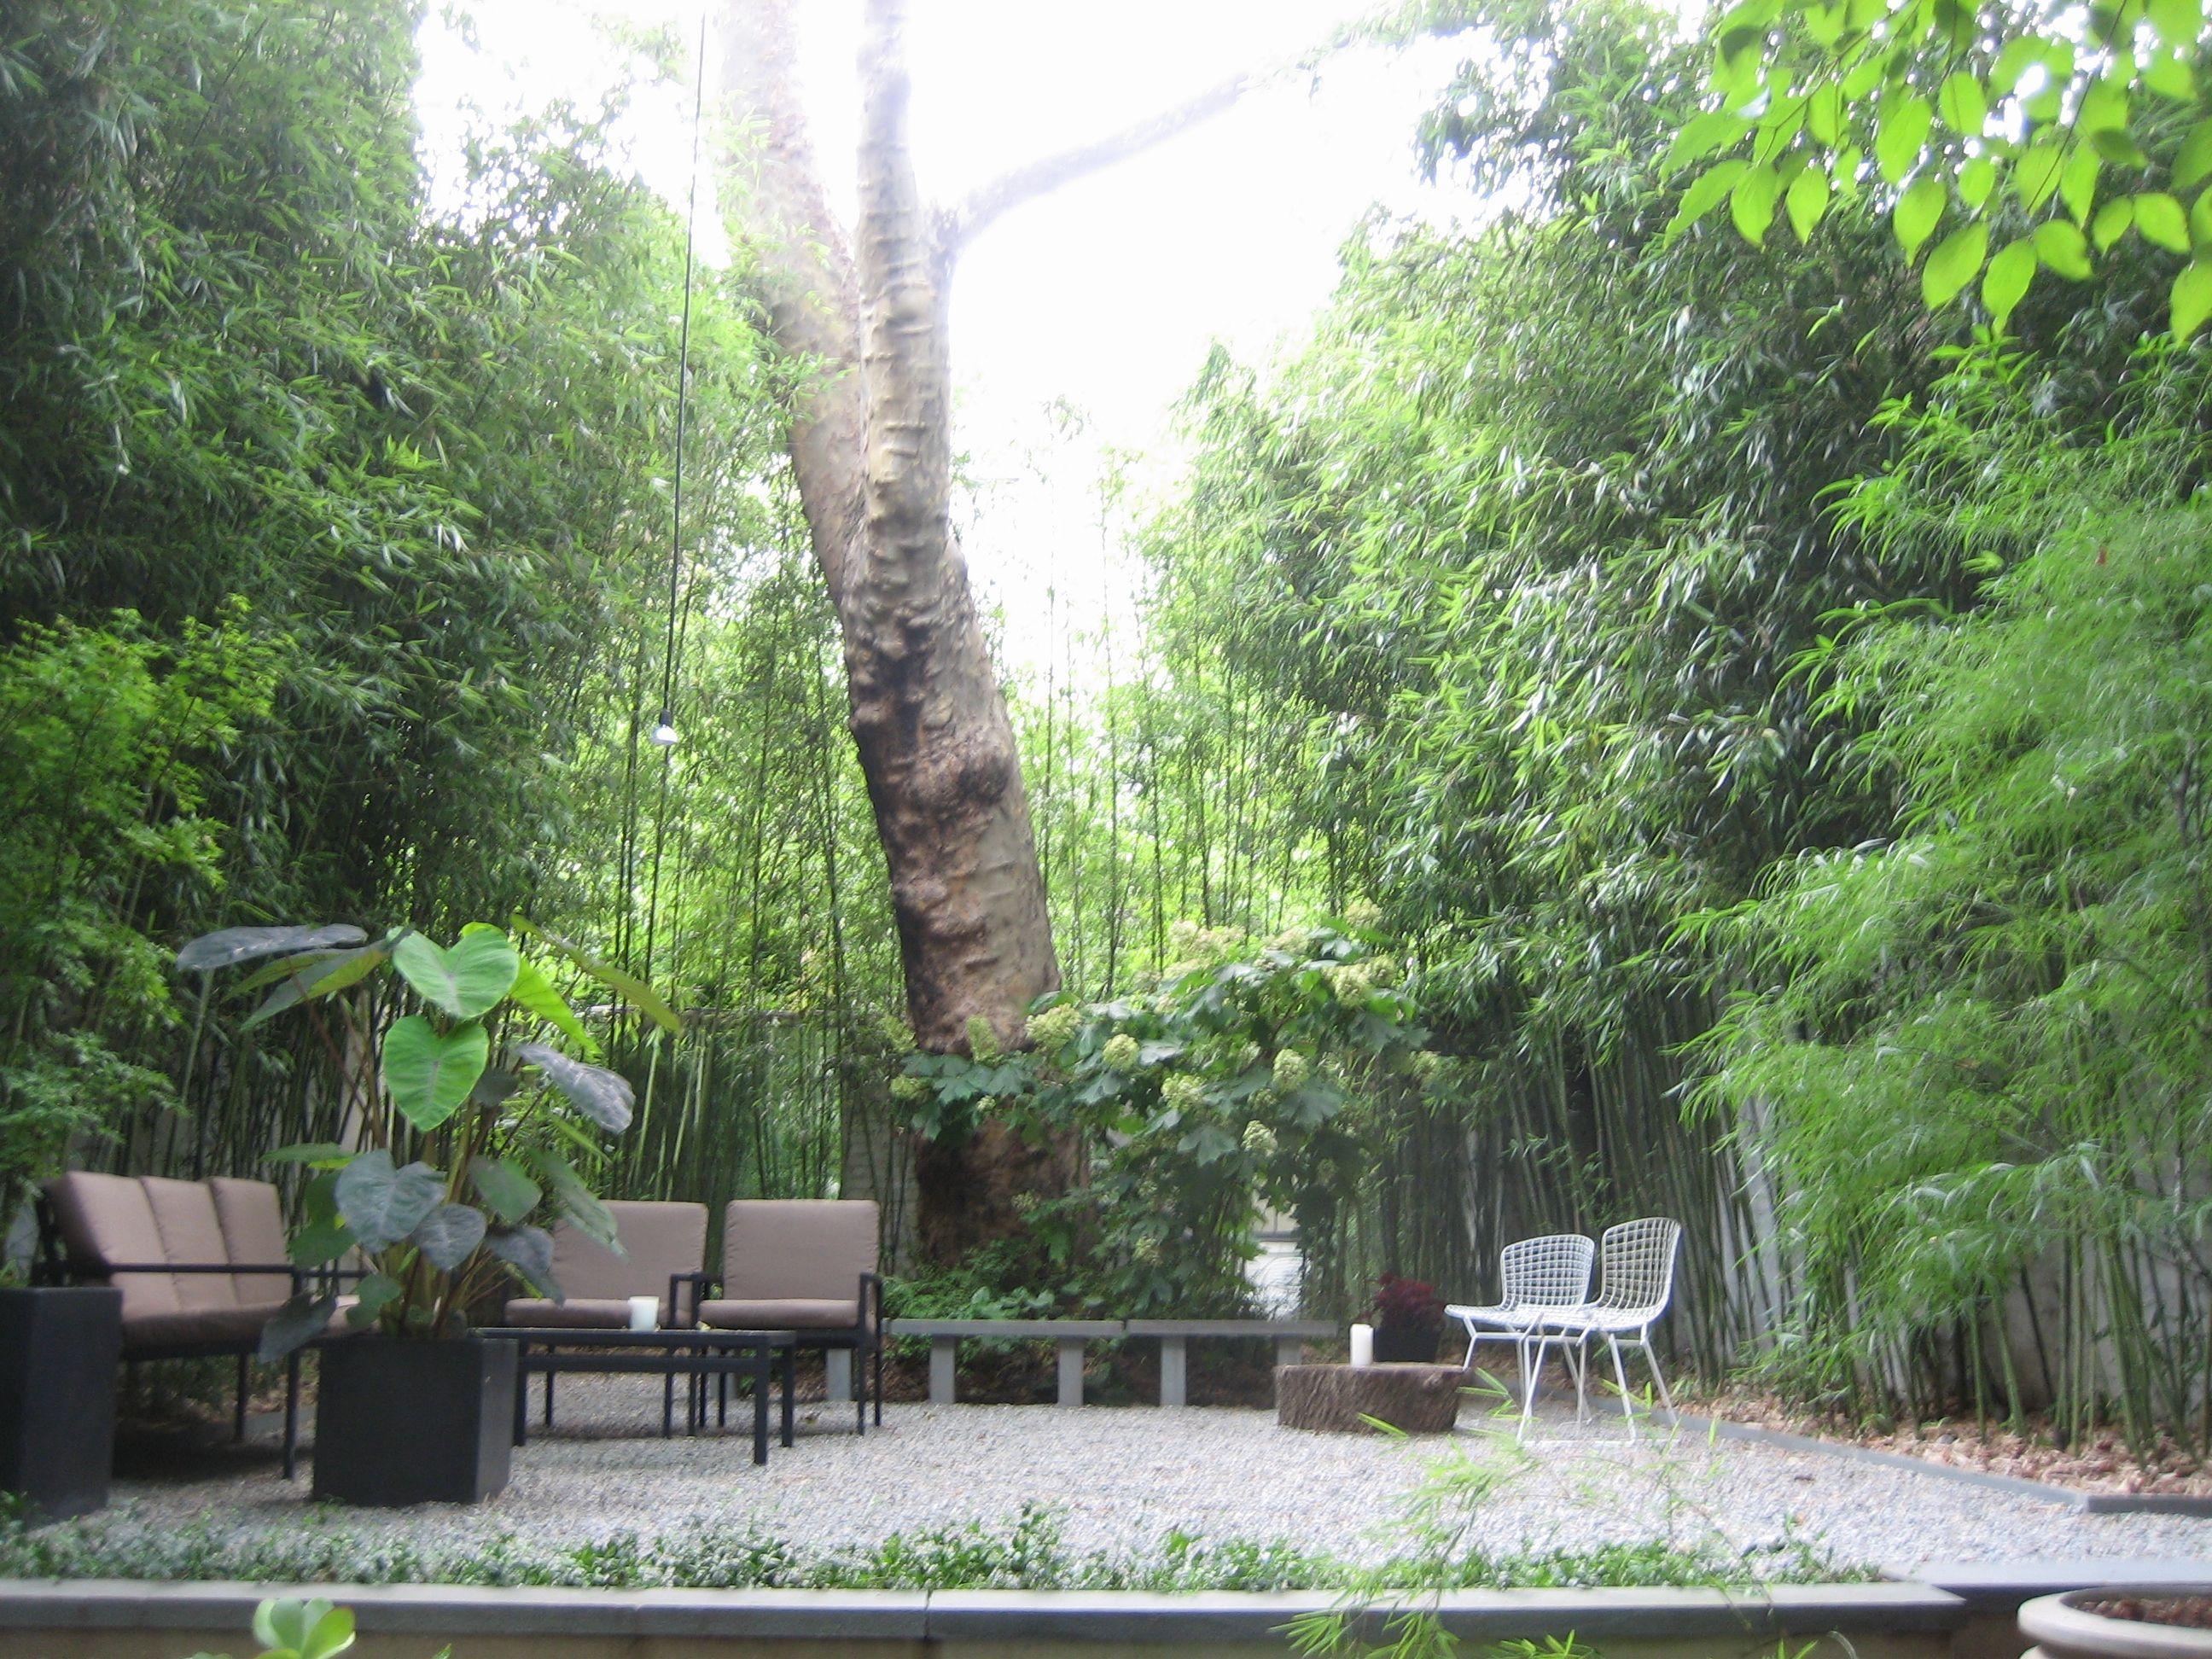 Verdant gardens design west village townhouse s third for Teich design west village